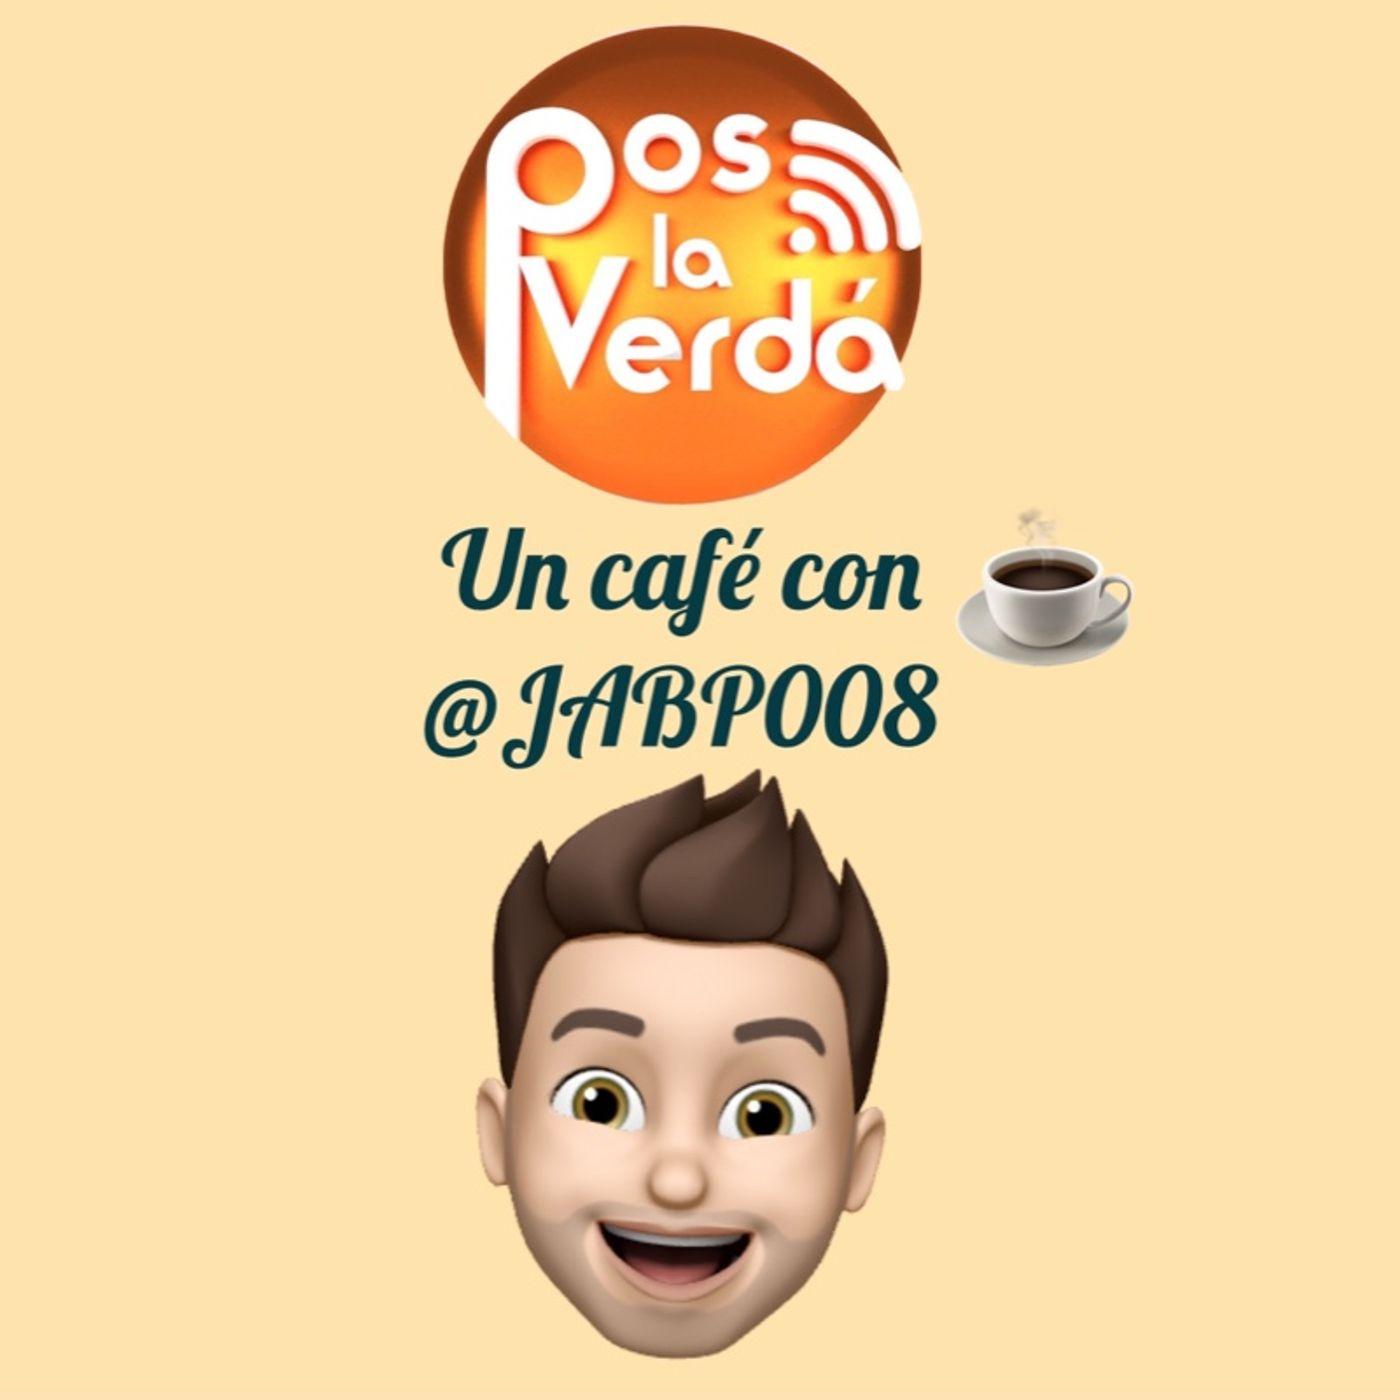 #PosLaVerda 22 de Octubre, un Cafe con @PapelitoBipolar y @JABP008